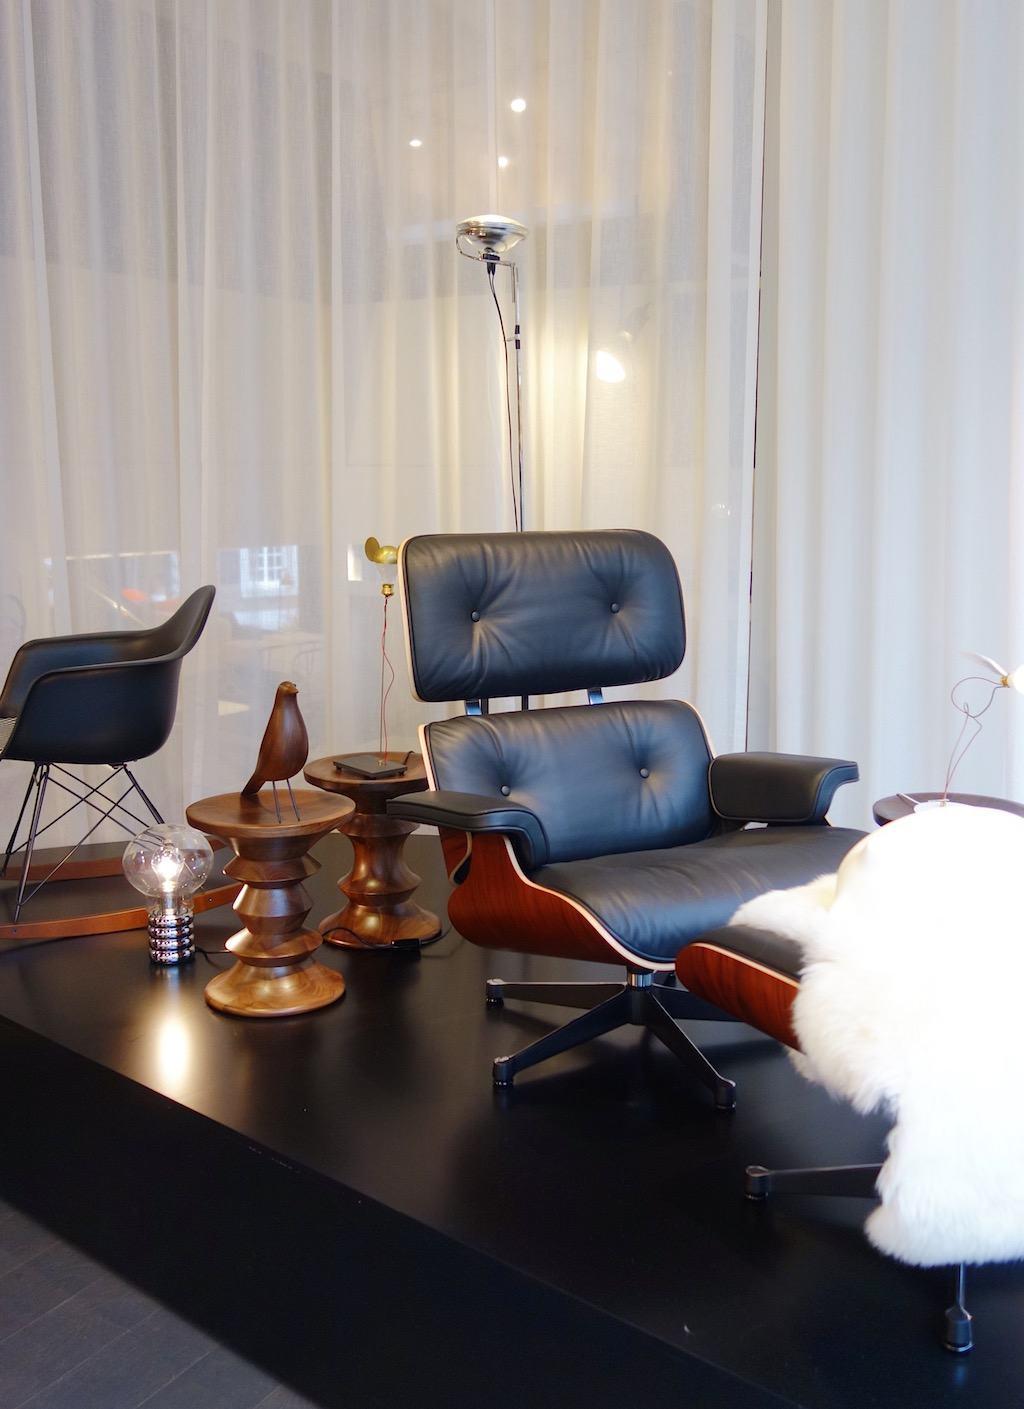 40 Jahre Mathes in Aachen: Eames Möbel von Vitra